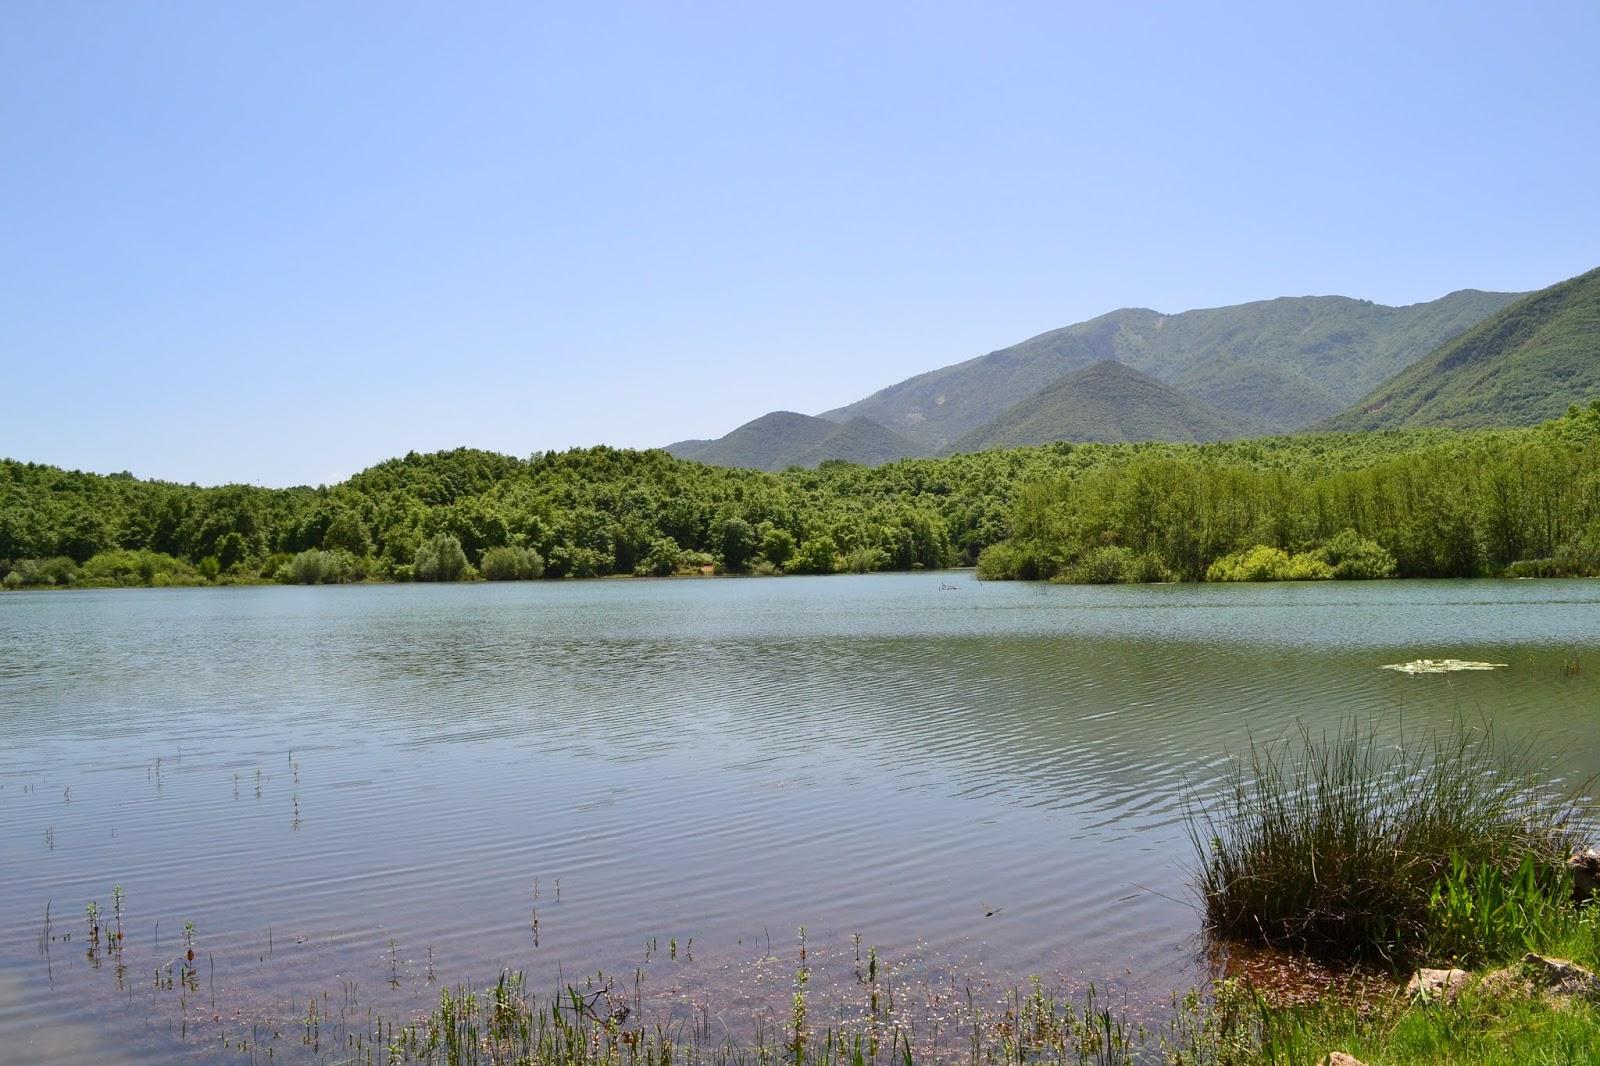 Μέλος του Δικτύου Πόλεων με Λίμνες   ο Δήμος Πωγωνίου!